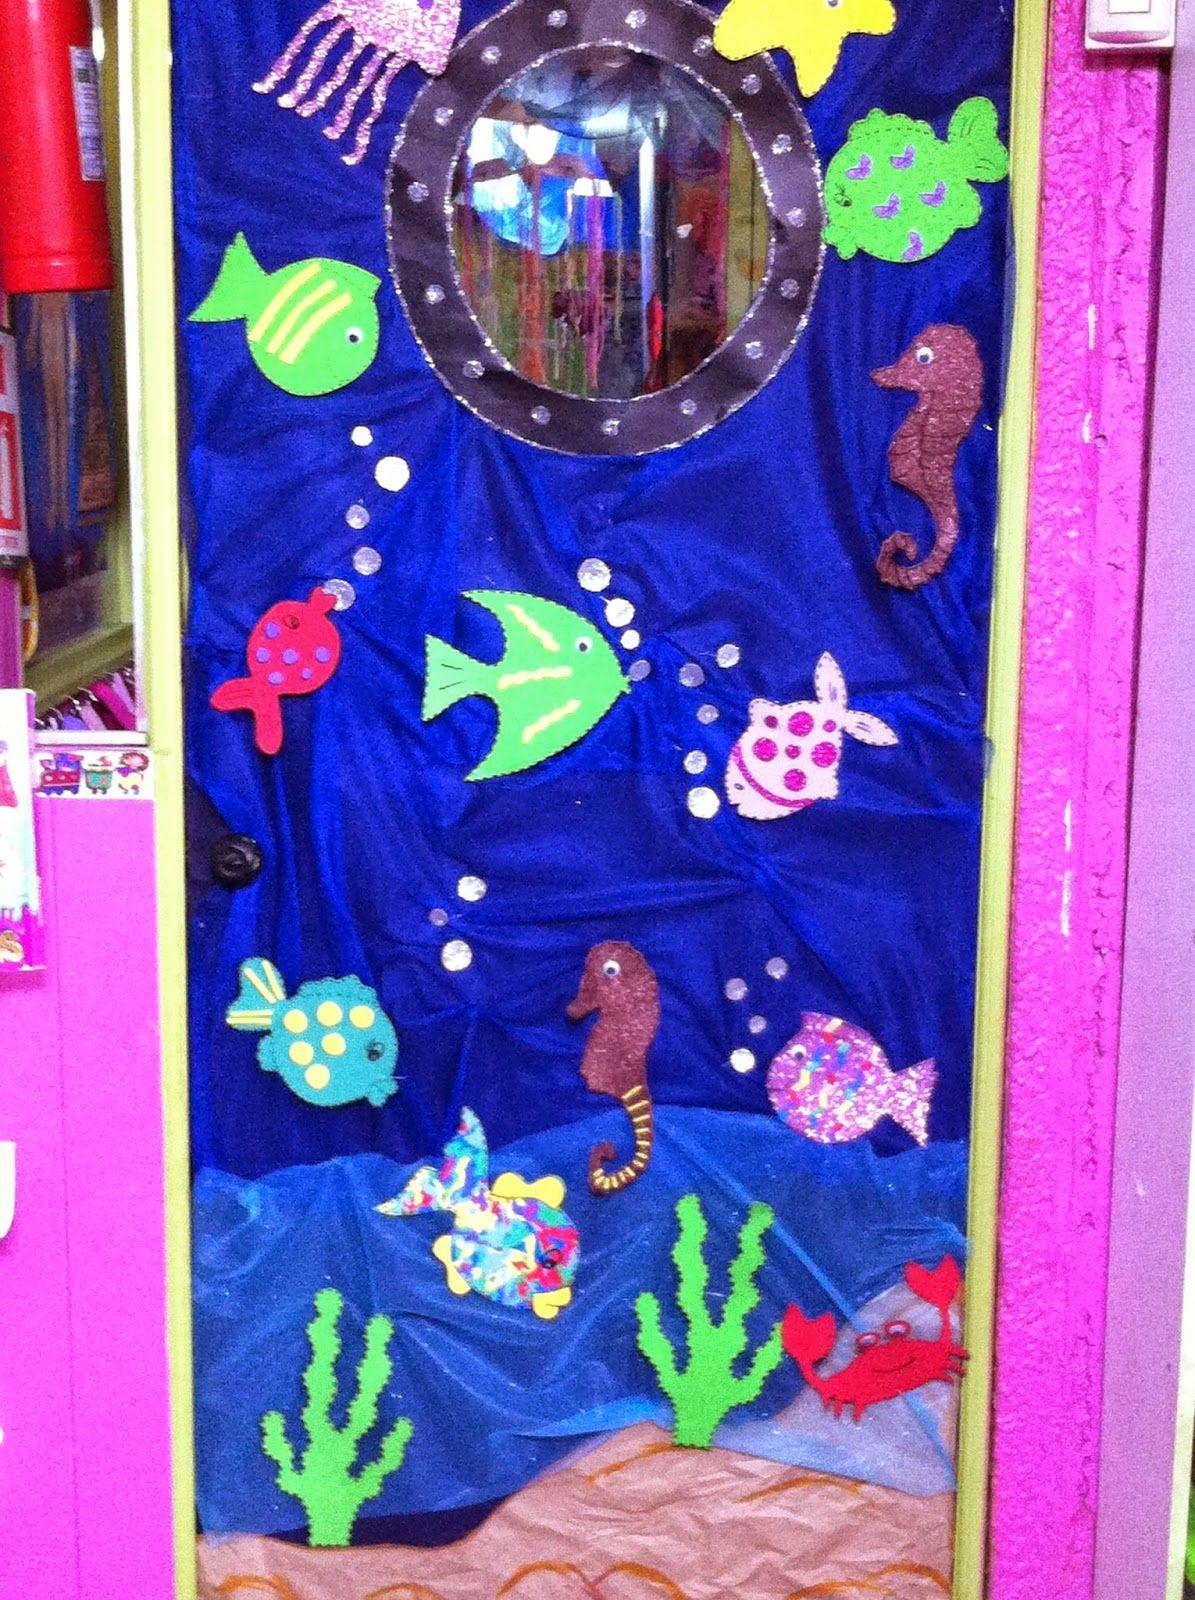 La decoraci n de nuestro jardin infantil en el mes del mar for Decoracion para jardin de ninos